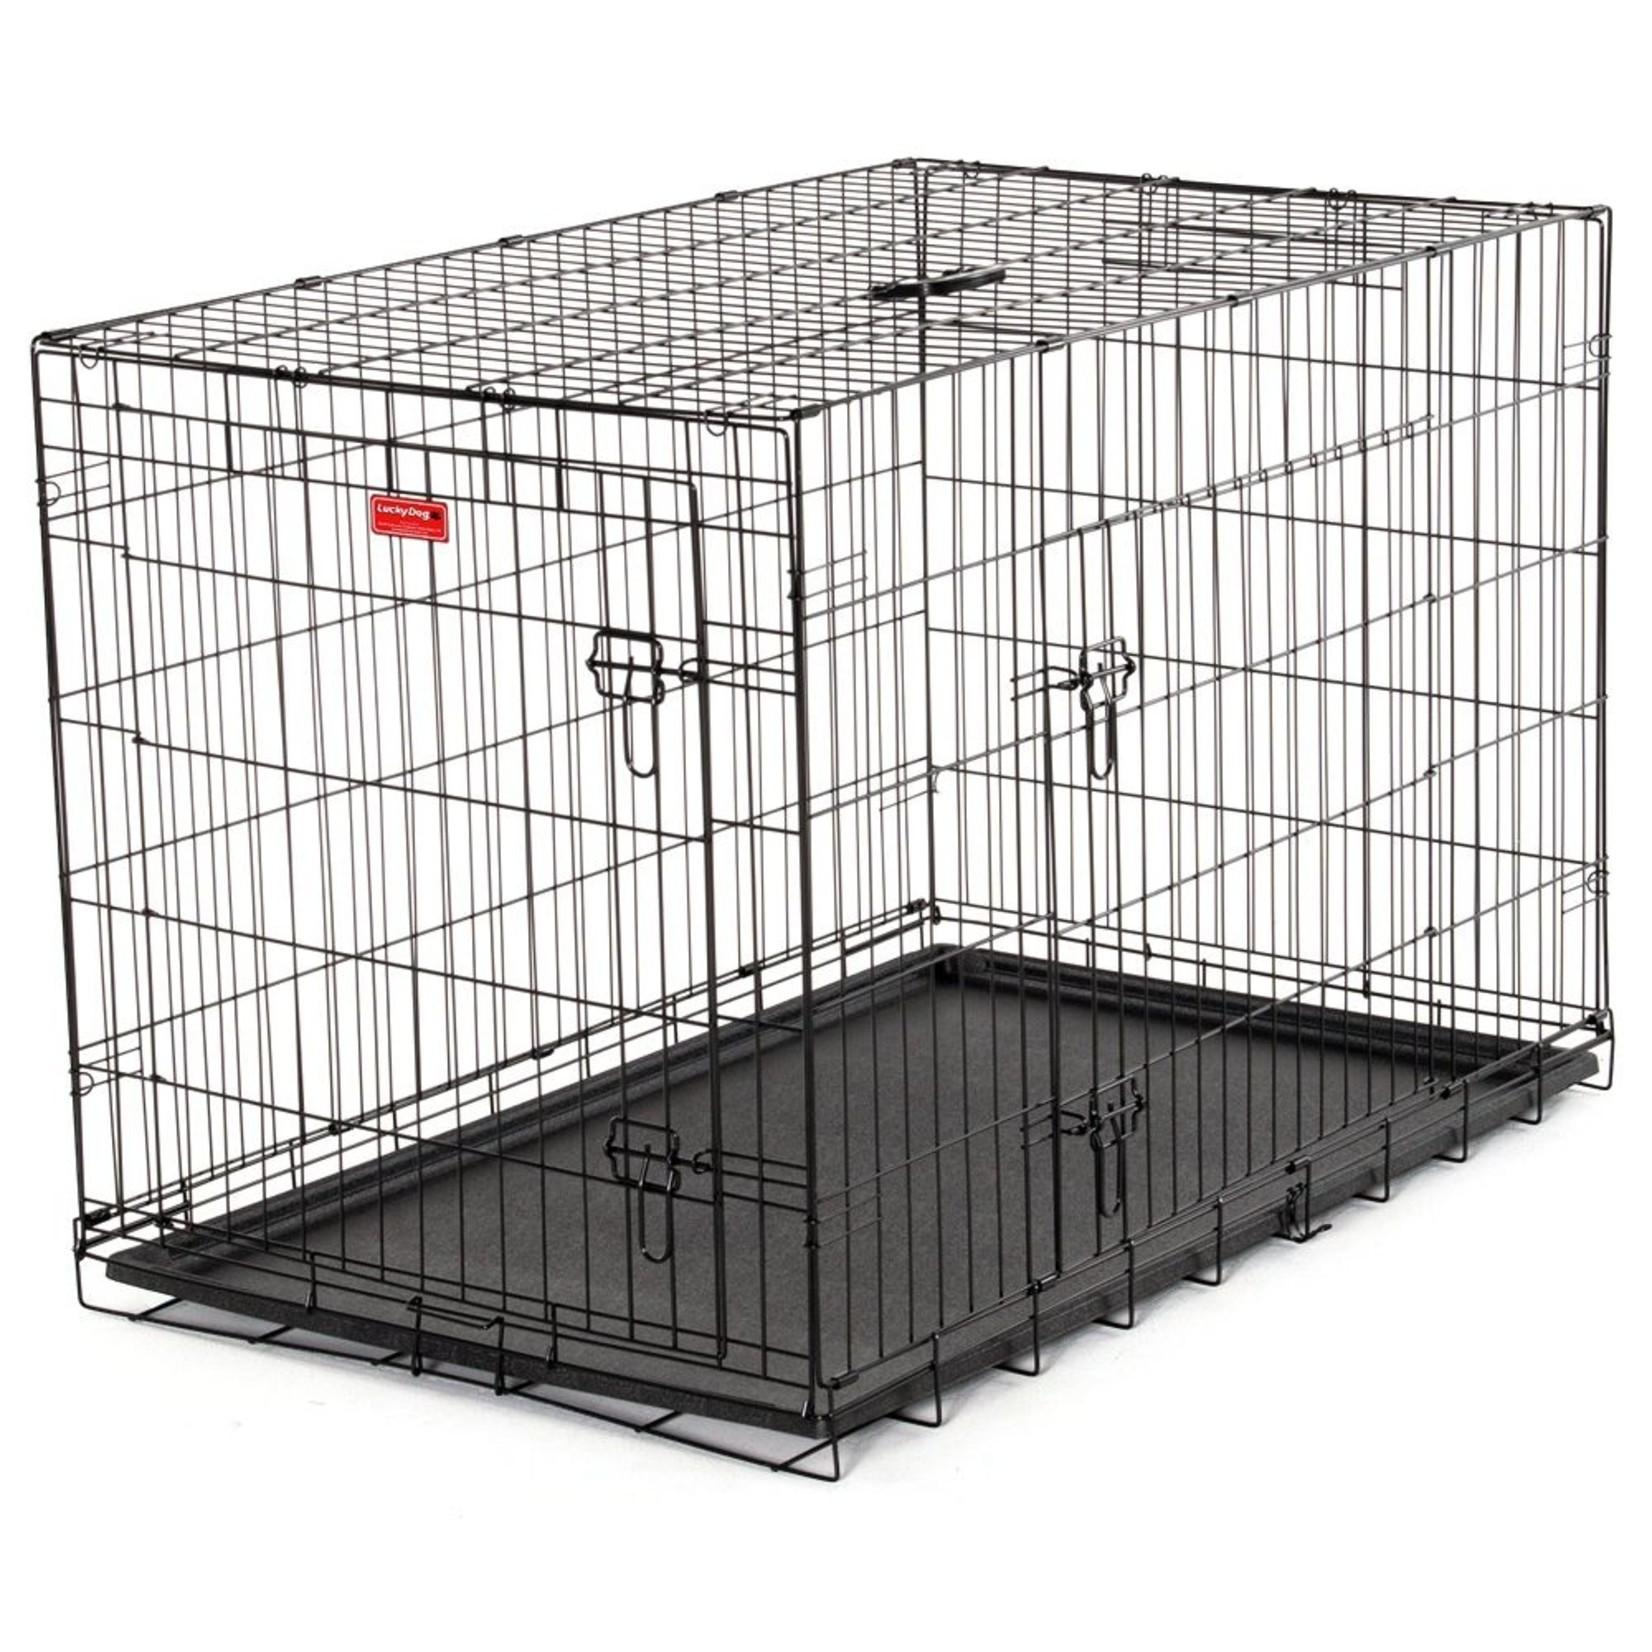 Bench Black Premium 61 cm. Incl. kussen, verkleiner én rubber voetjes